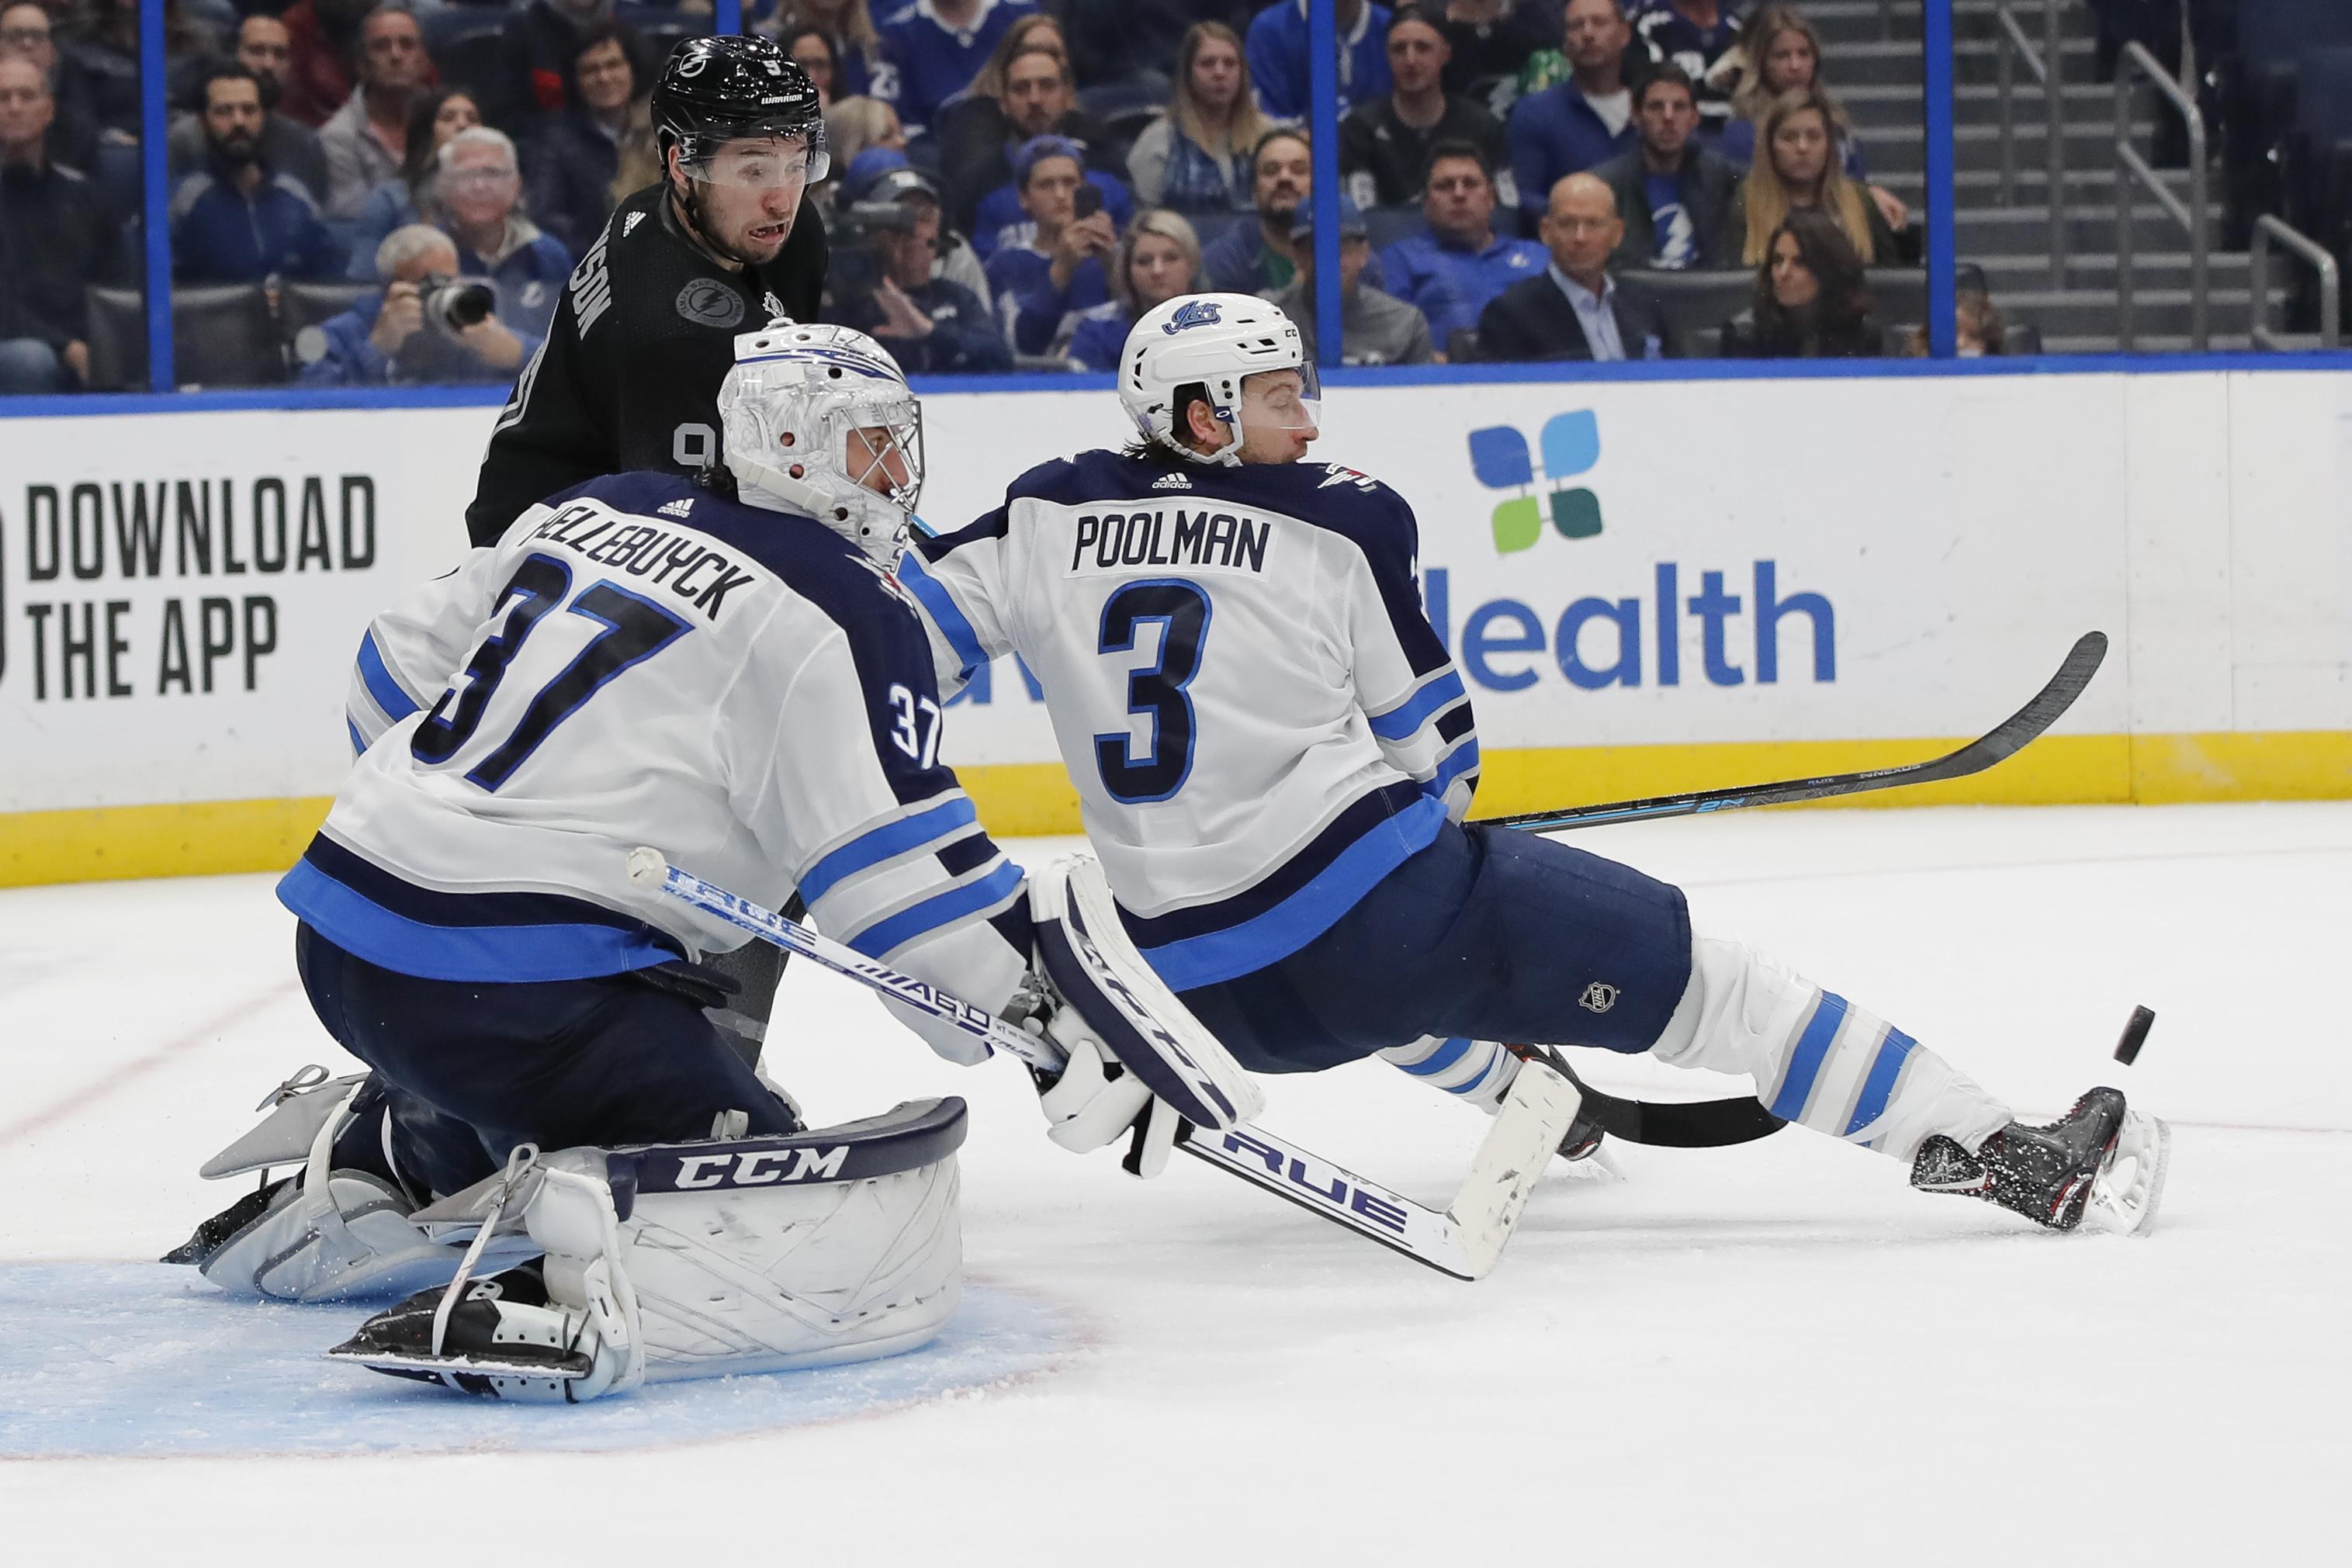 NHL: NOV 16 Jets at Lightning